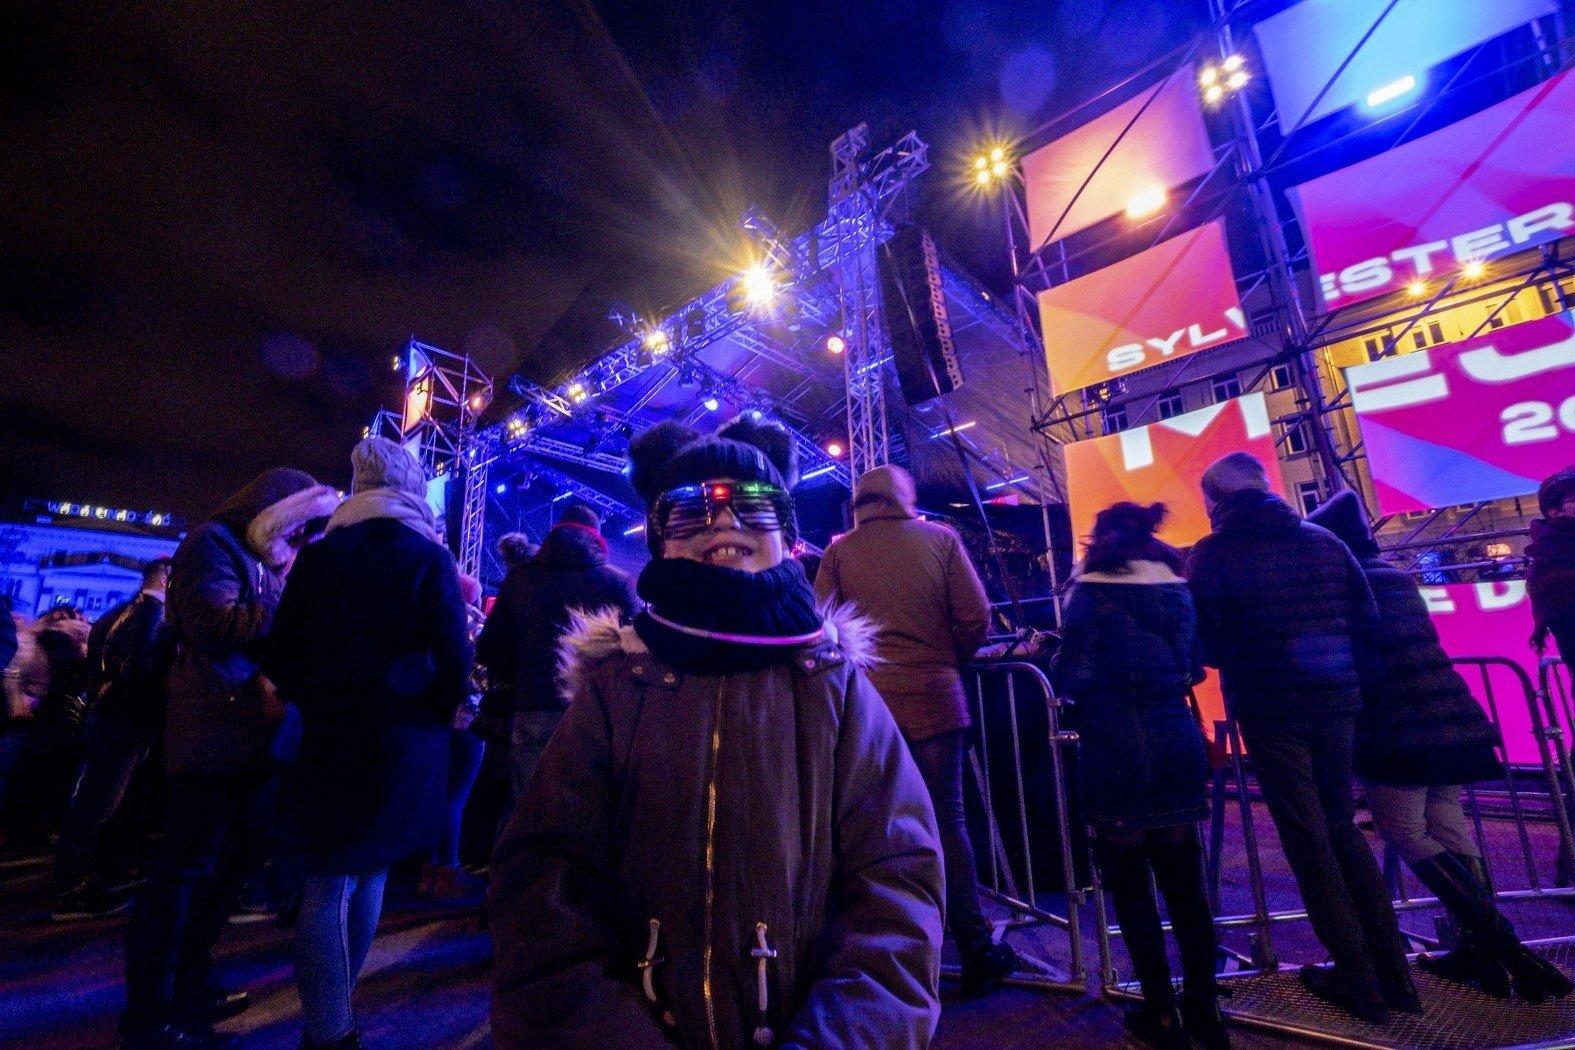 Poznań: Sylwester Miejski 2019/2020 na placu Wolności. Poznaniacy hucznie witają nowy rok! [ZDJĘCIA] | Głos Wielkopolski